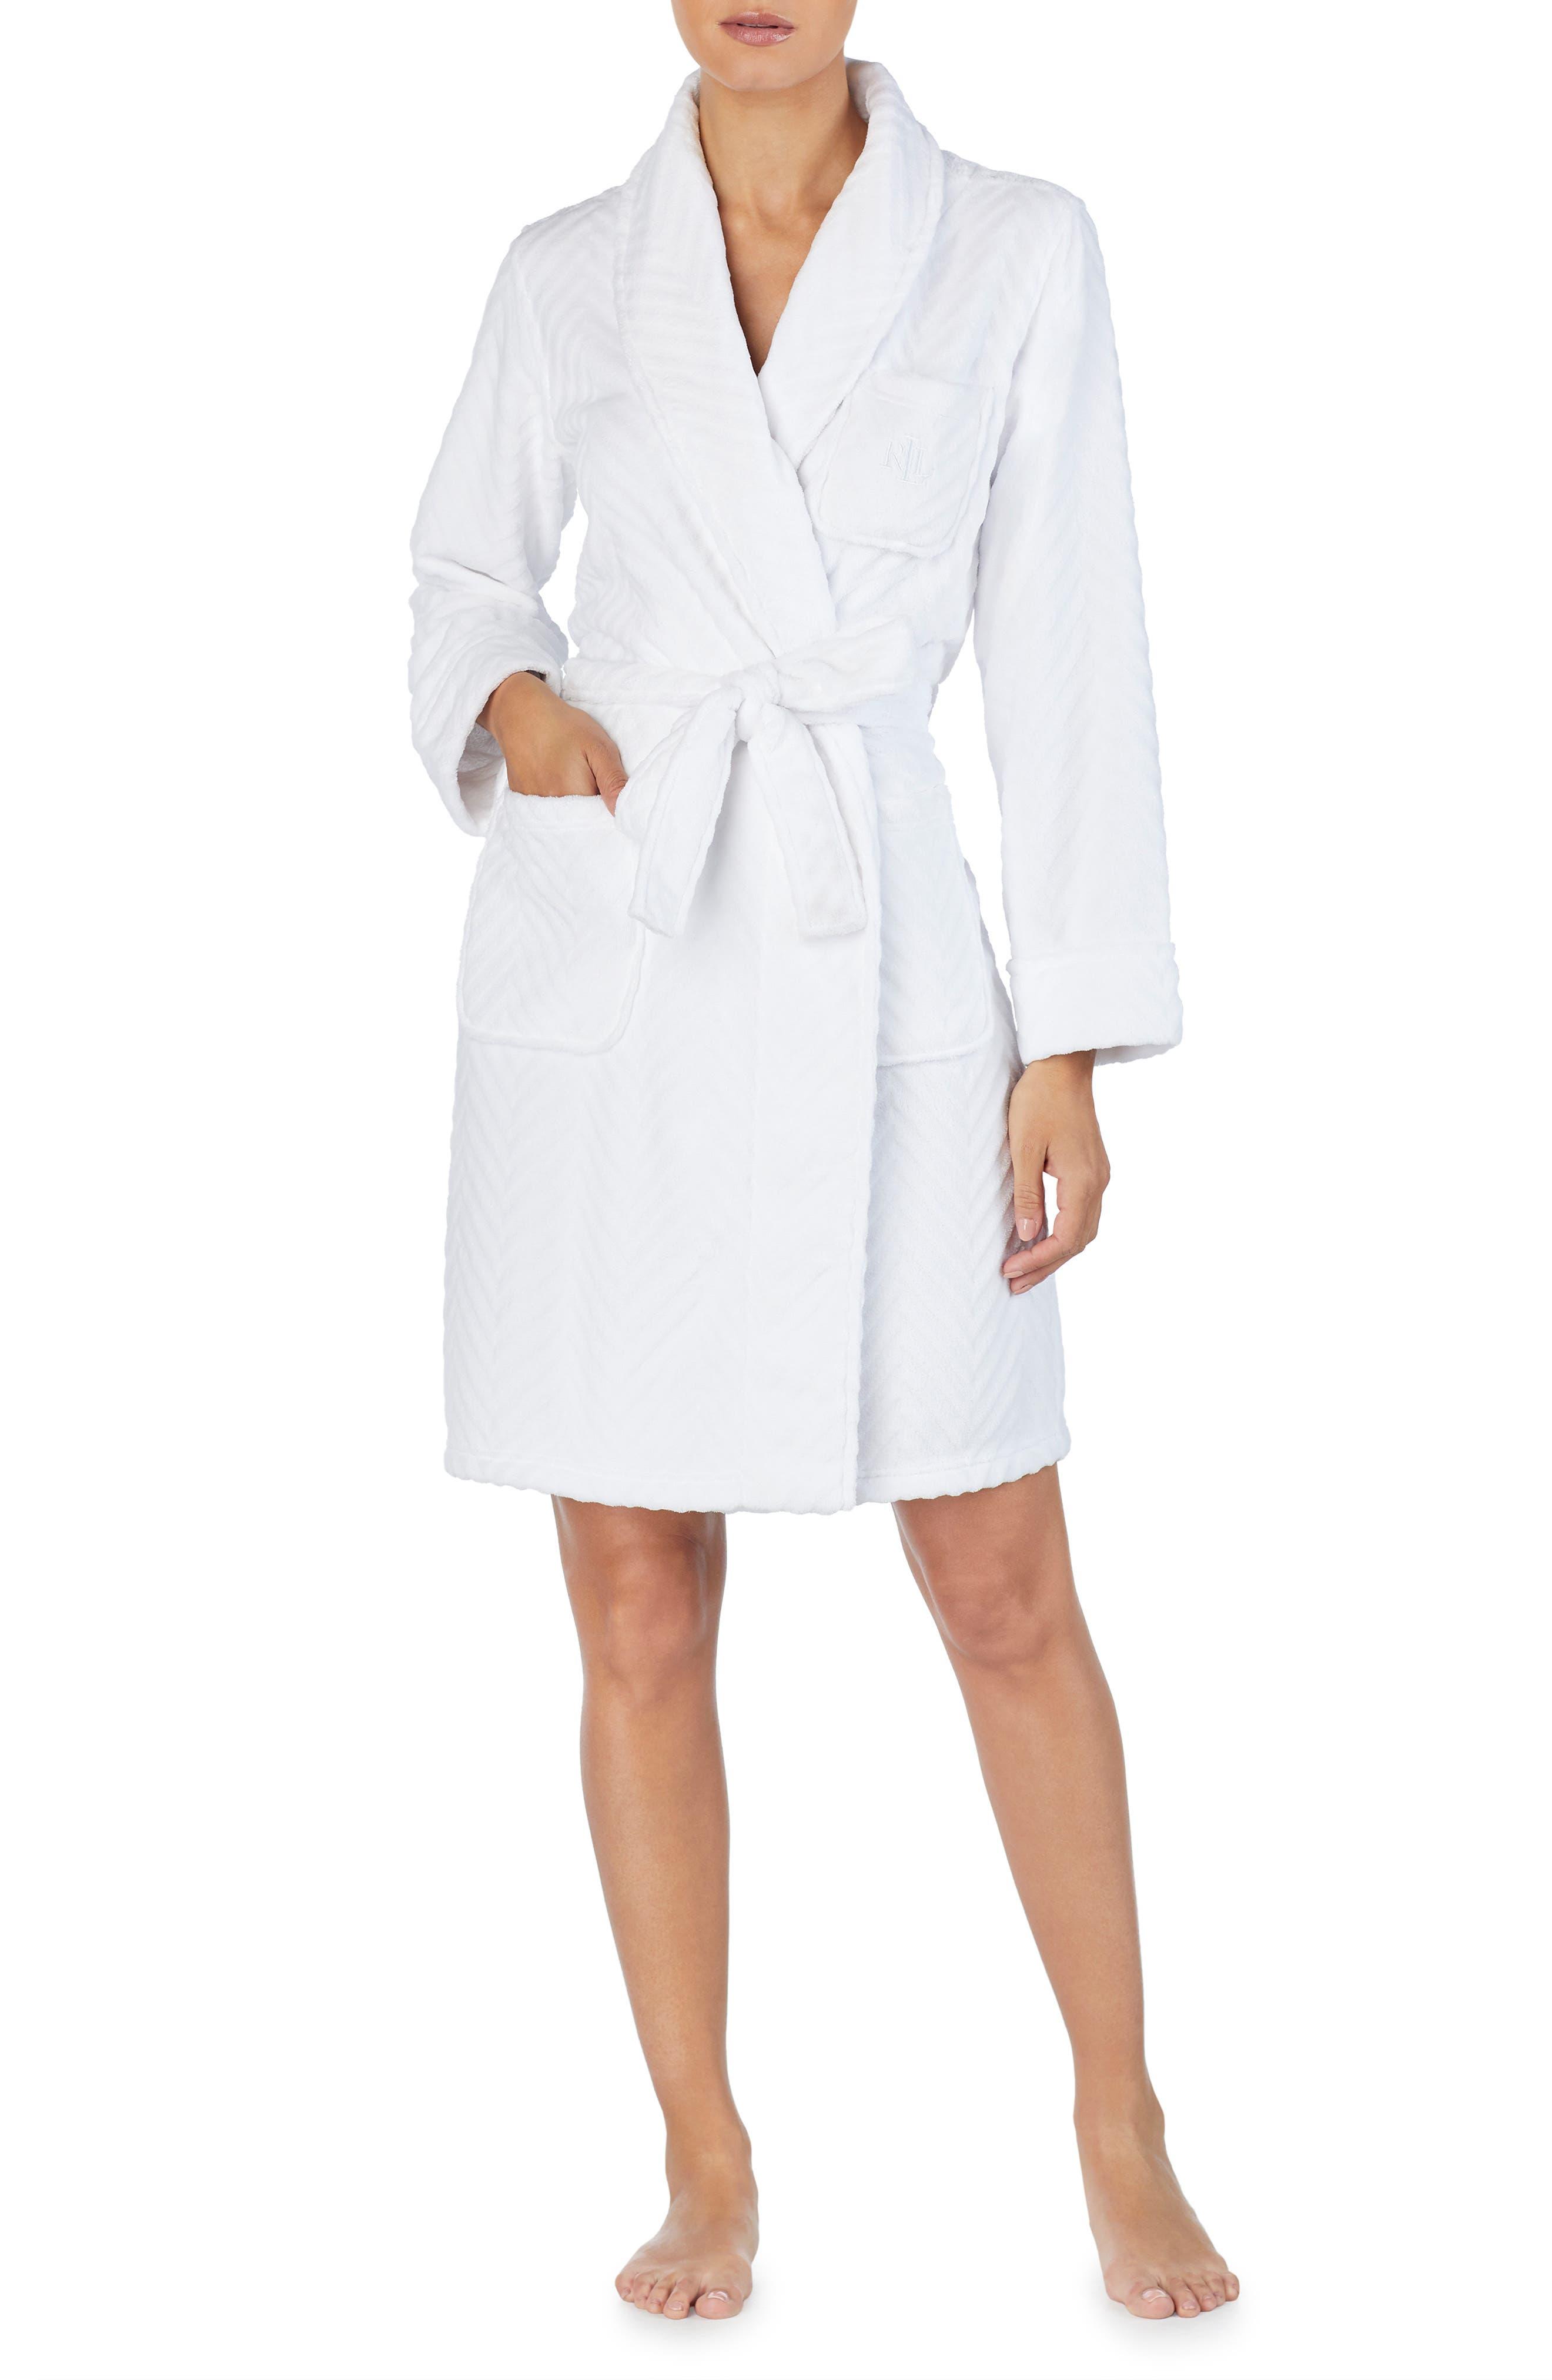 LAUREN RALPH LAUREN Short Fleece Robe in White